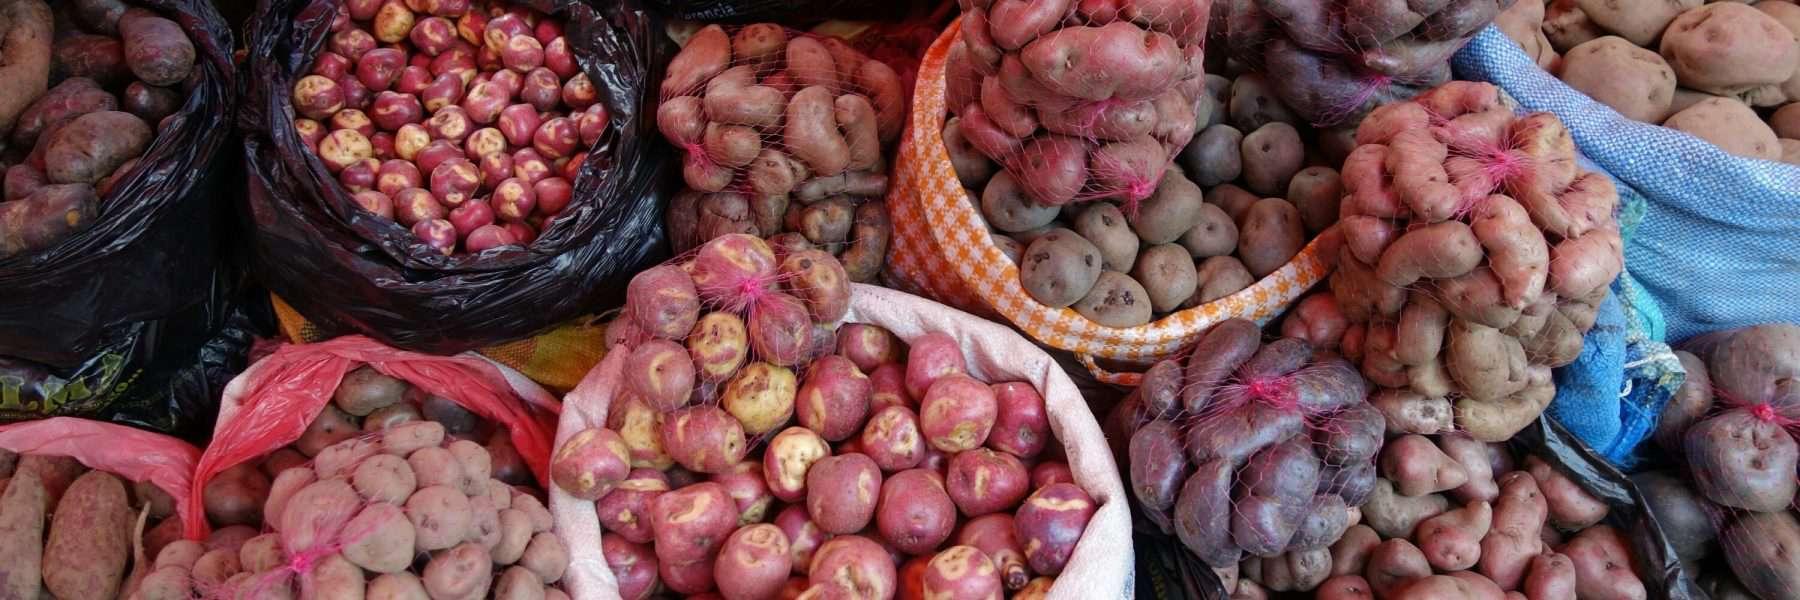 Potatoes at Mercado Rodriguez, La Paz, Bolivia